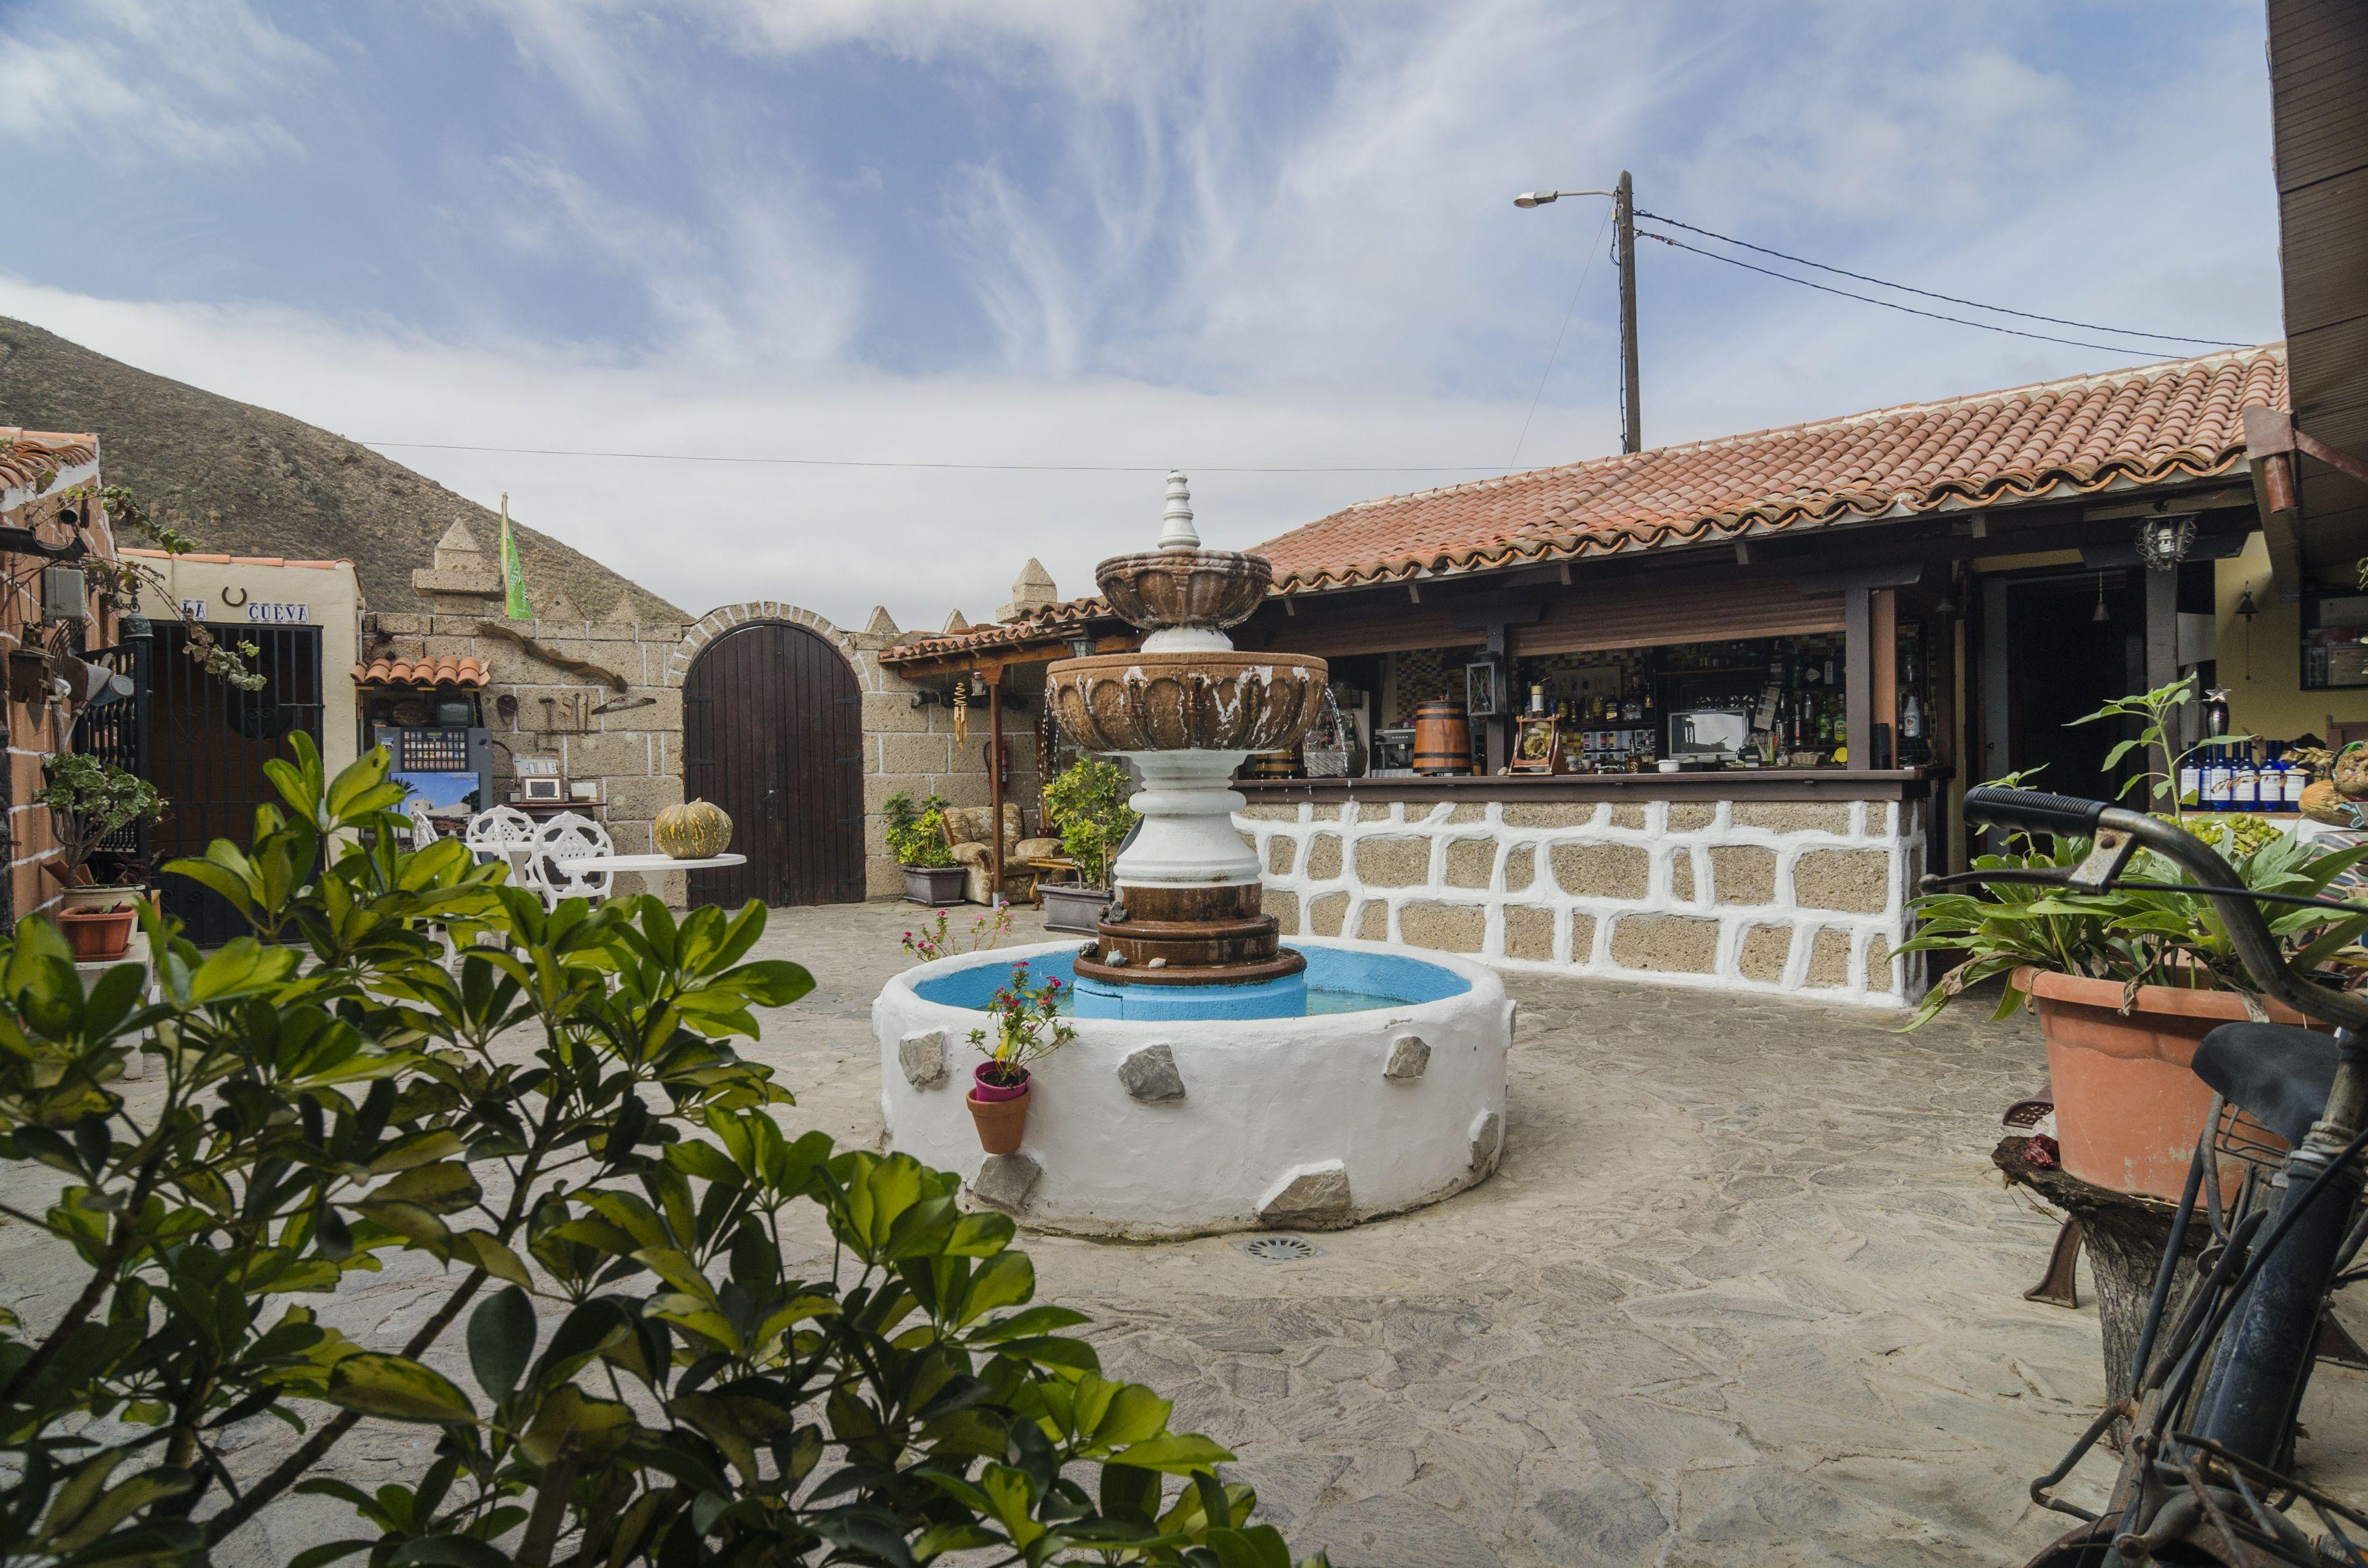 Restaurante de cocina canaria en Santa Cruz de Tenerife